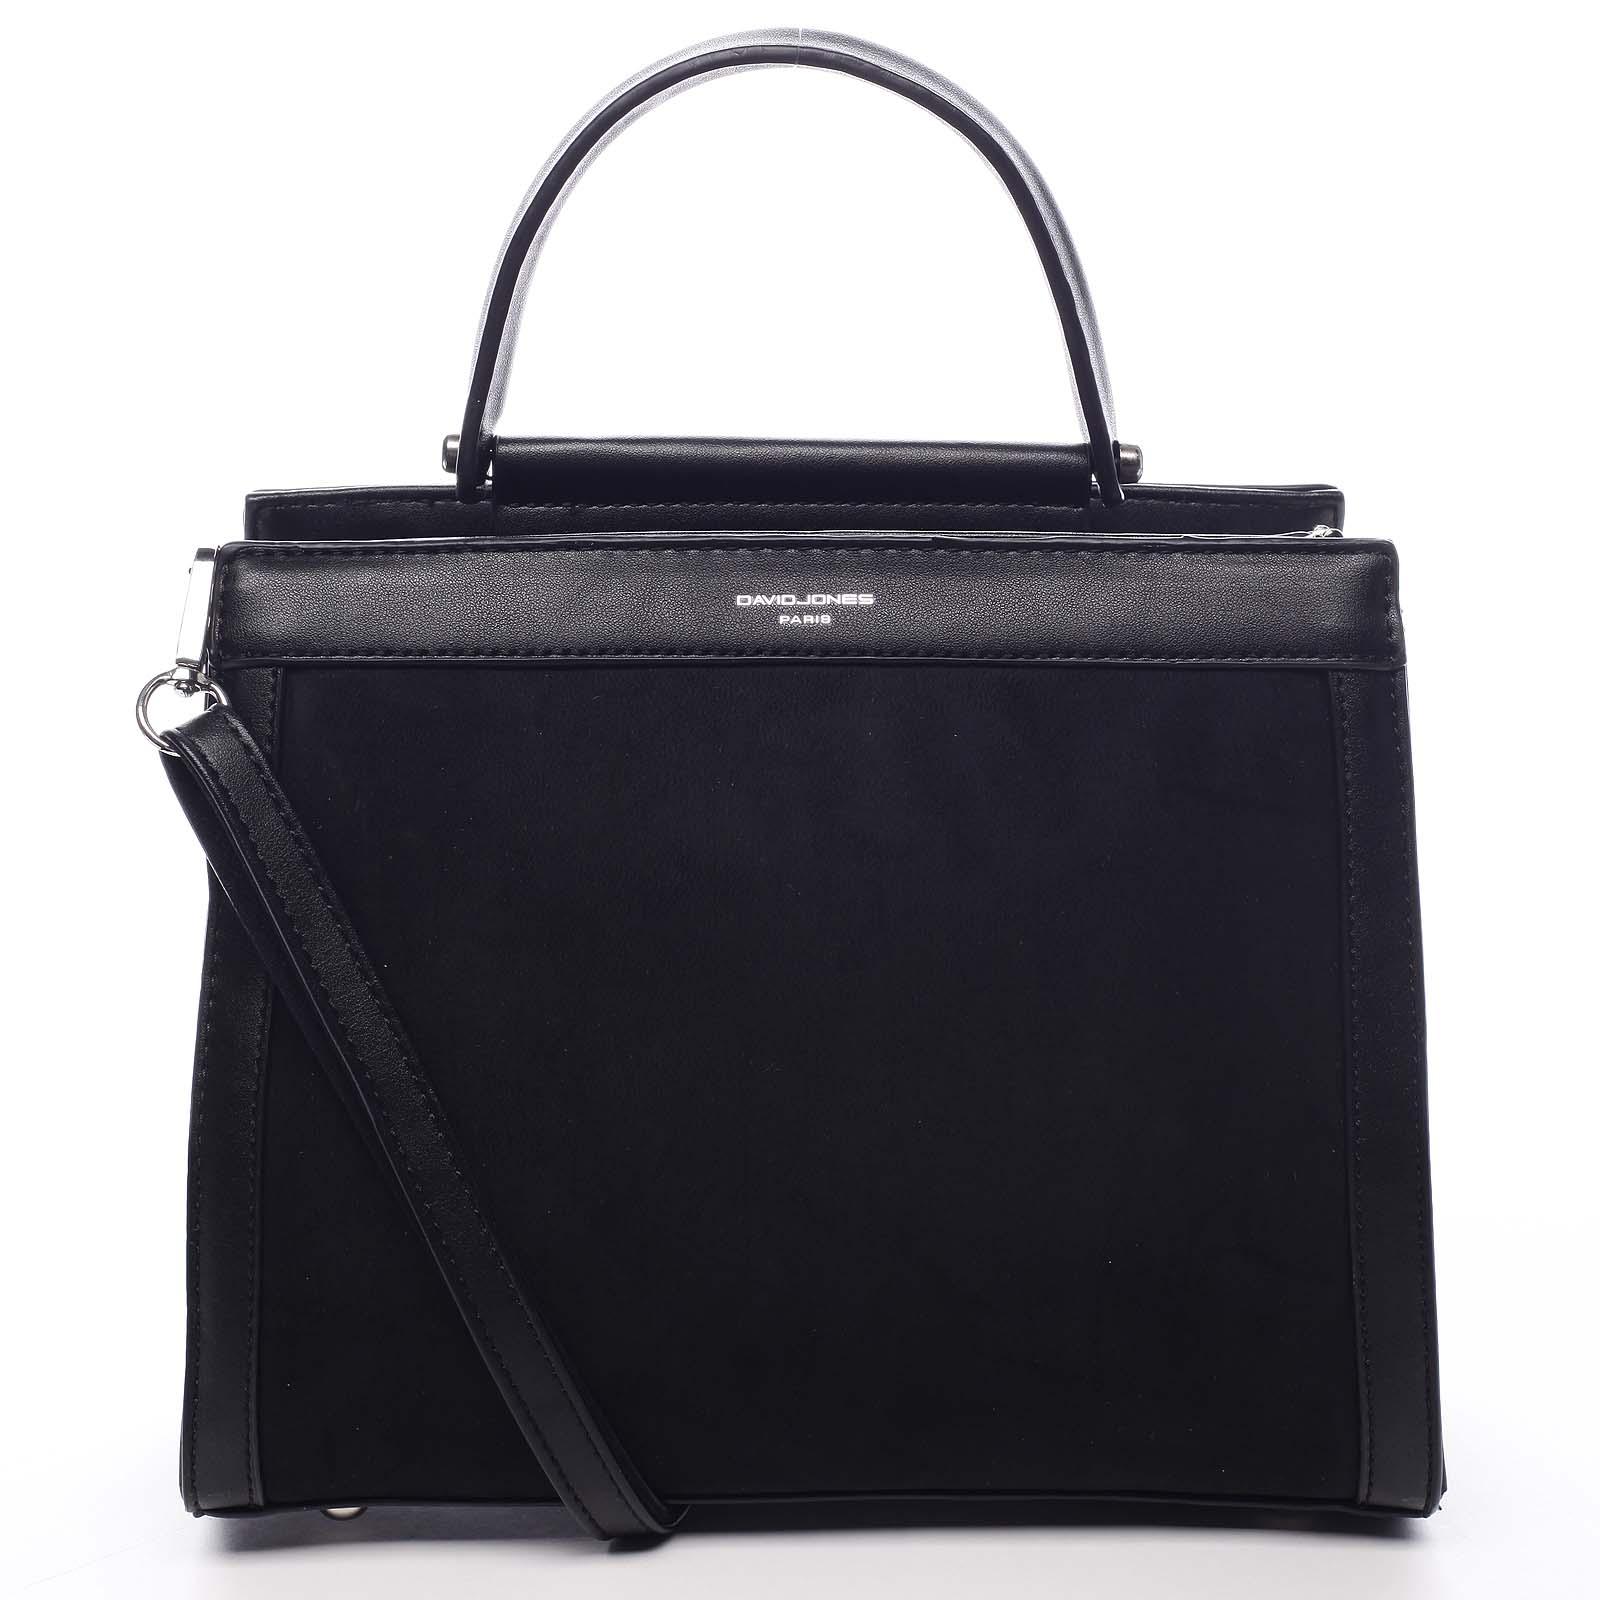 Dámska kabelka do ruky čierna - David Jones Pireta čierna